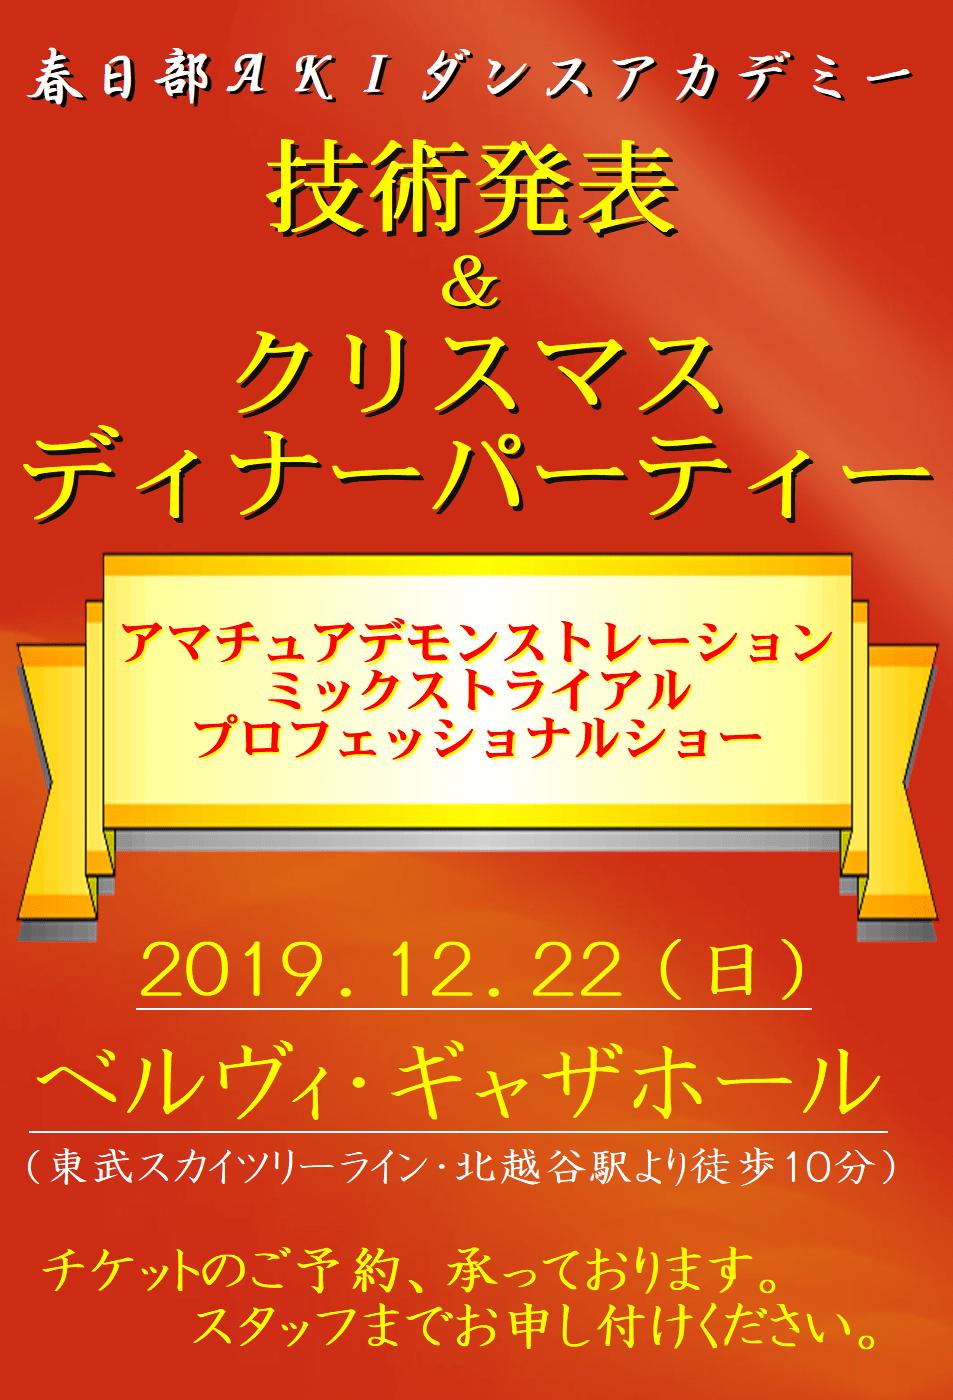 2019年|AKIダンスアカデミー|パーティー|越谷|ベルヴィギャザホール|社交ダンス